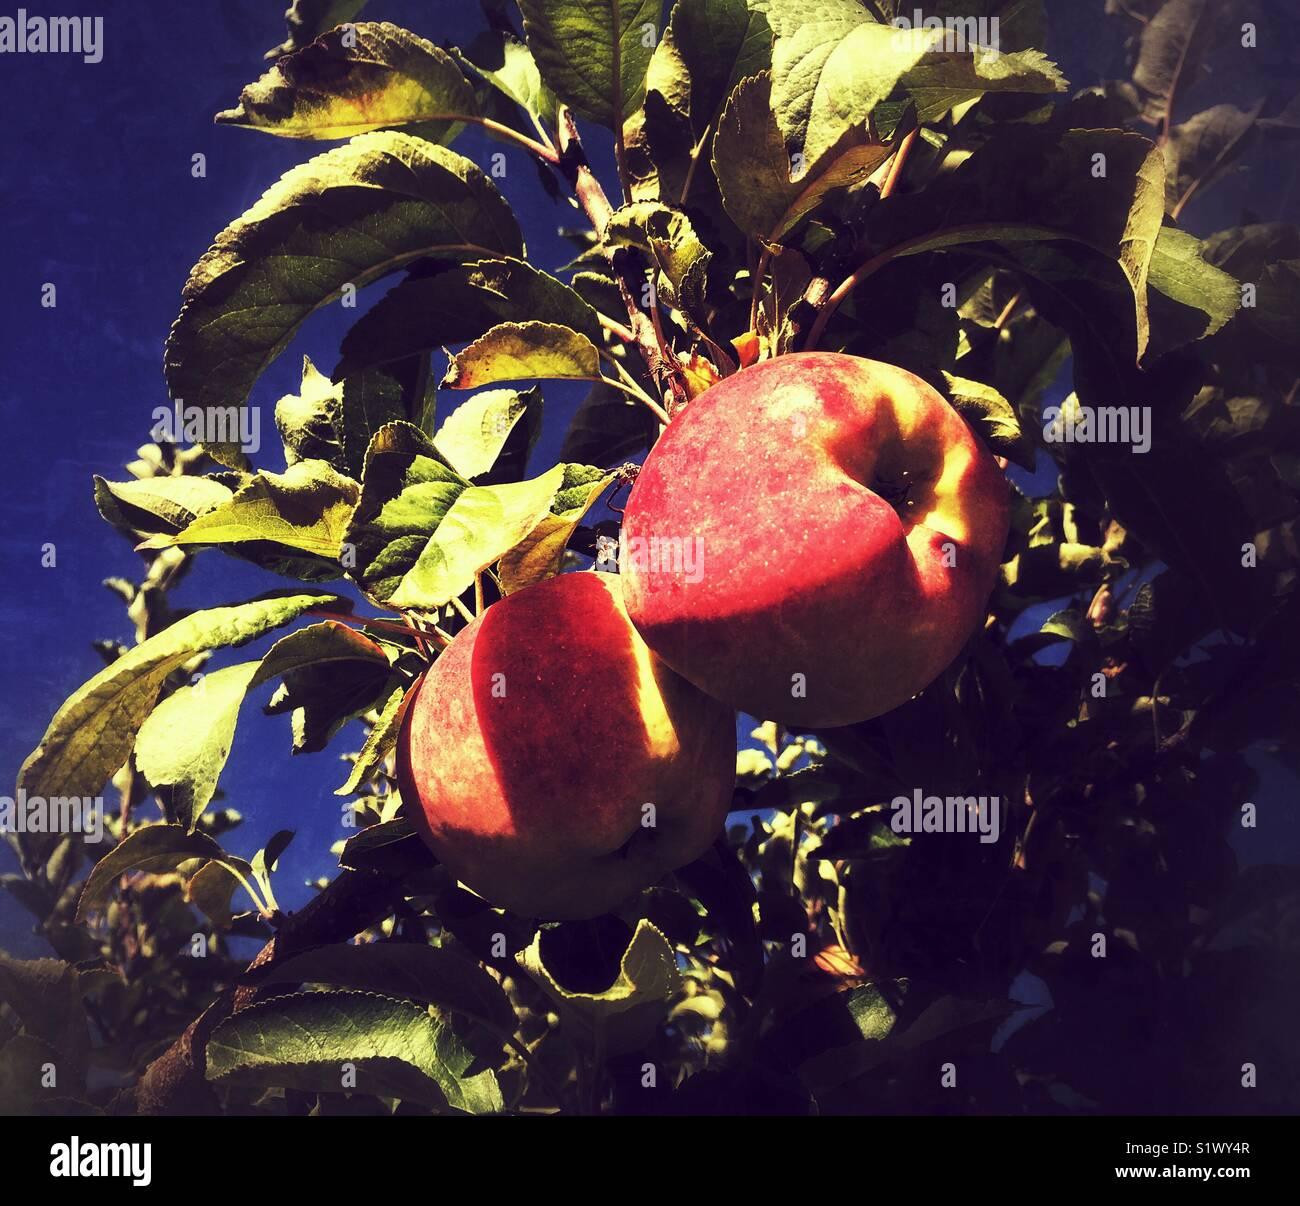 Reife äpfel auf einem Baum Stockbild